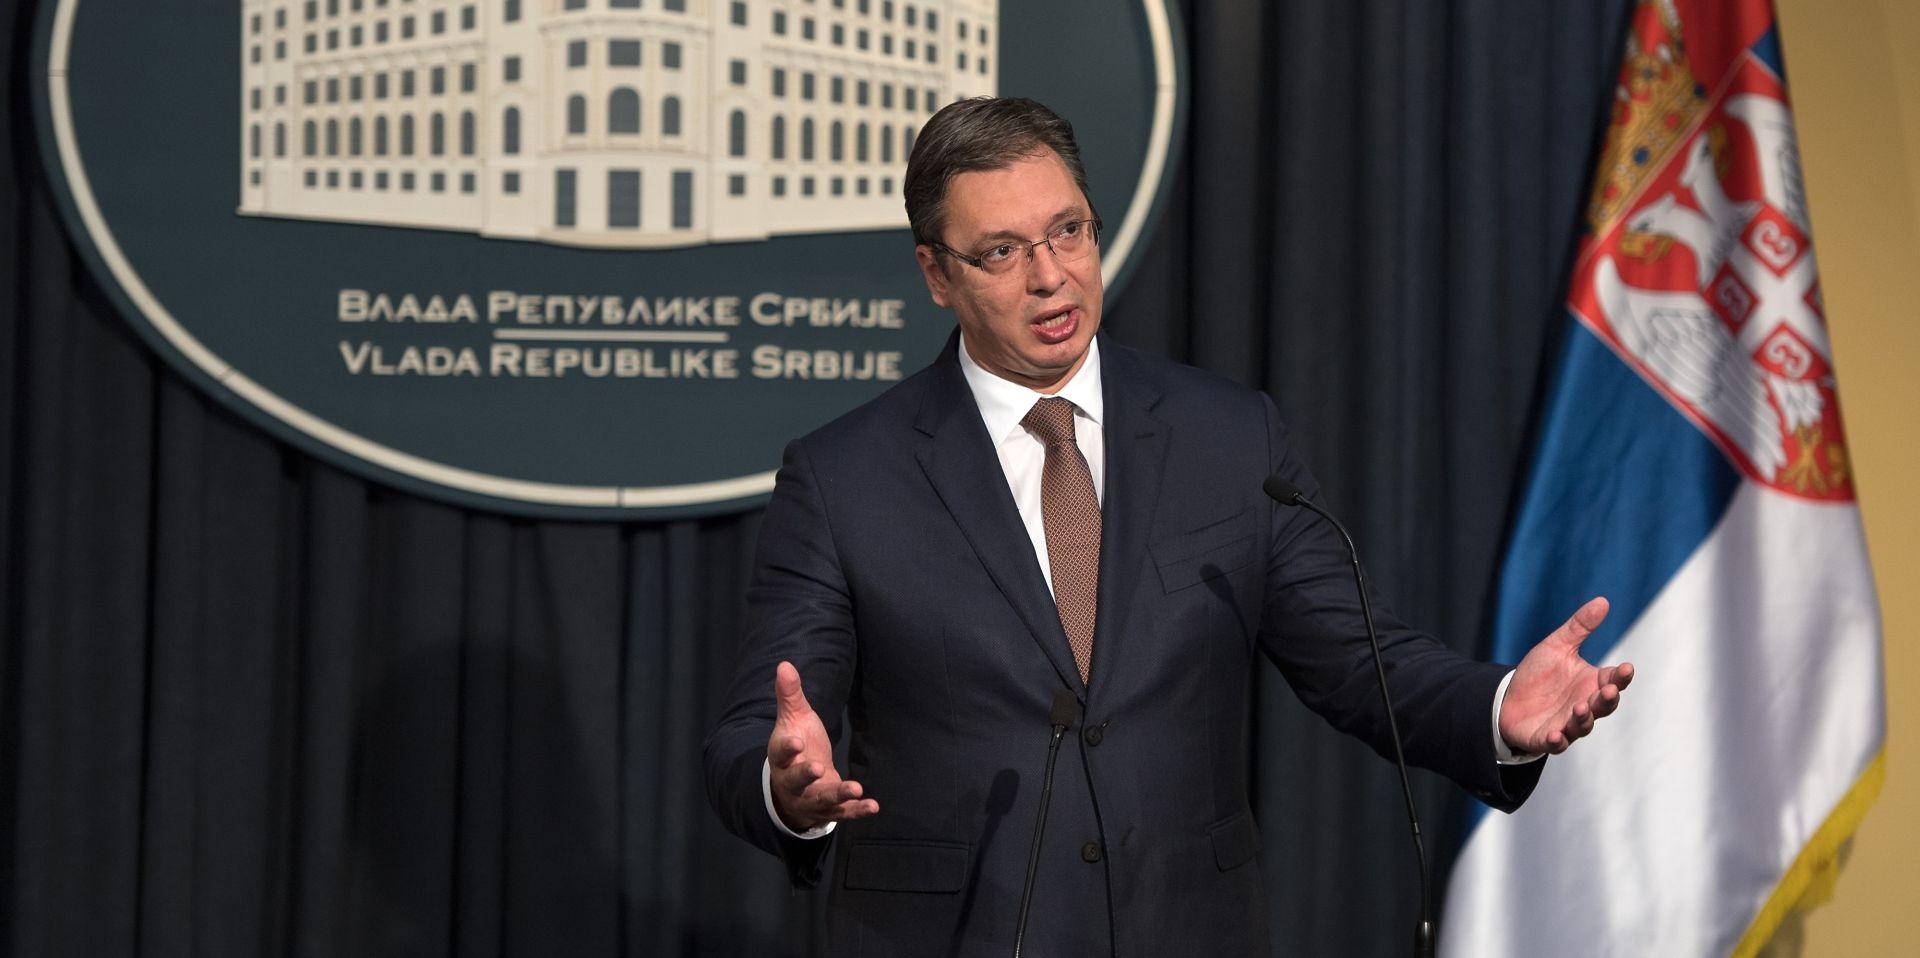 Vladino povjerenstvo pratit će ispunjava li Srbija obveze na putu u EU